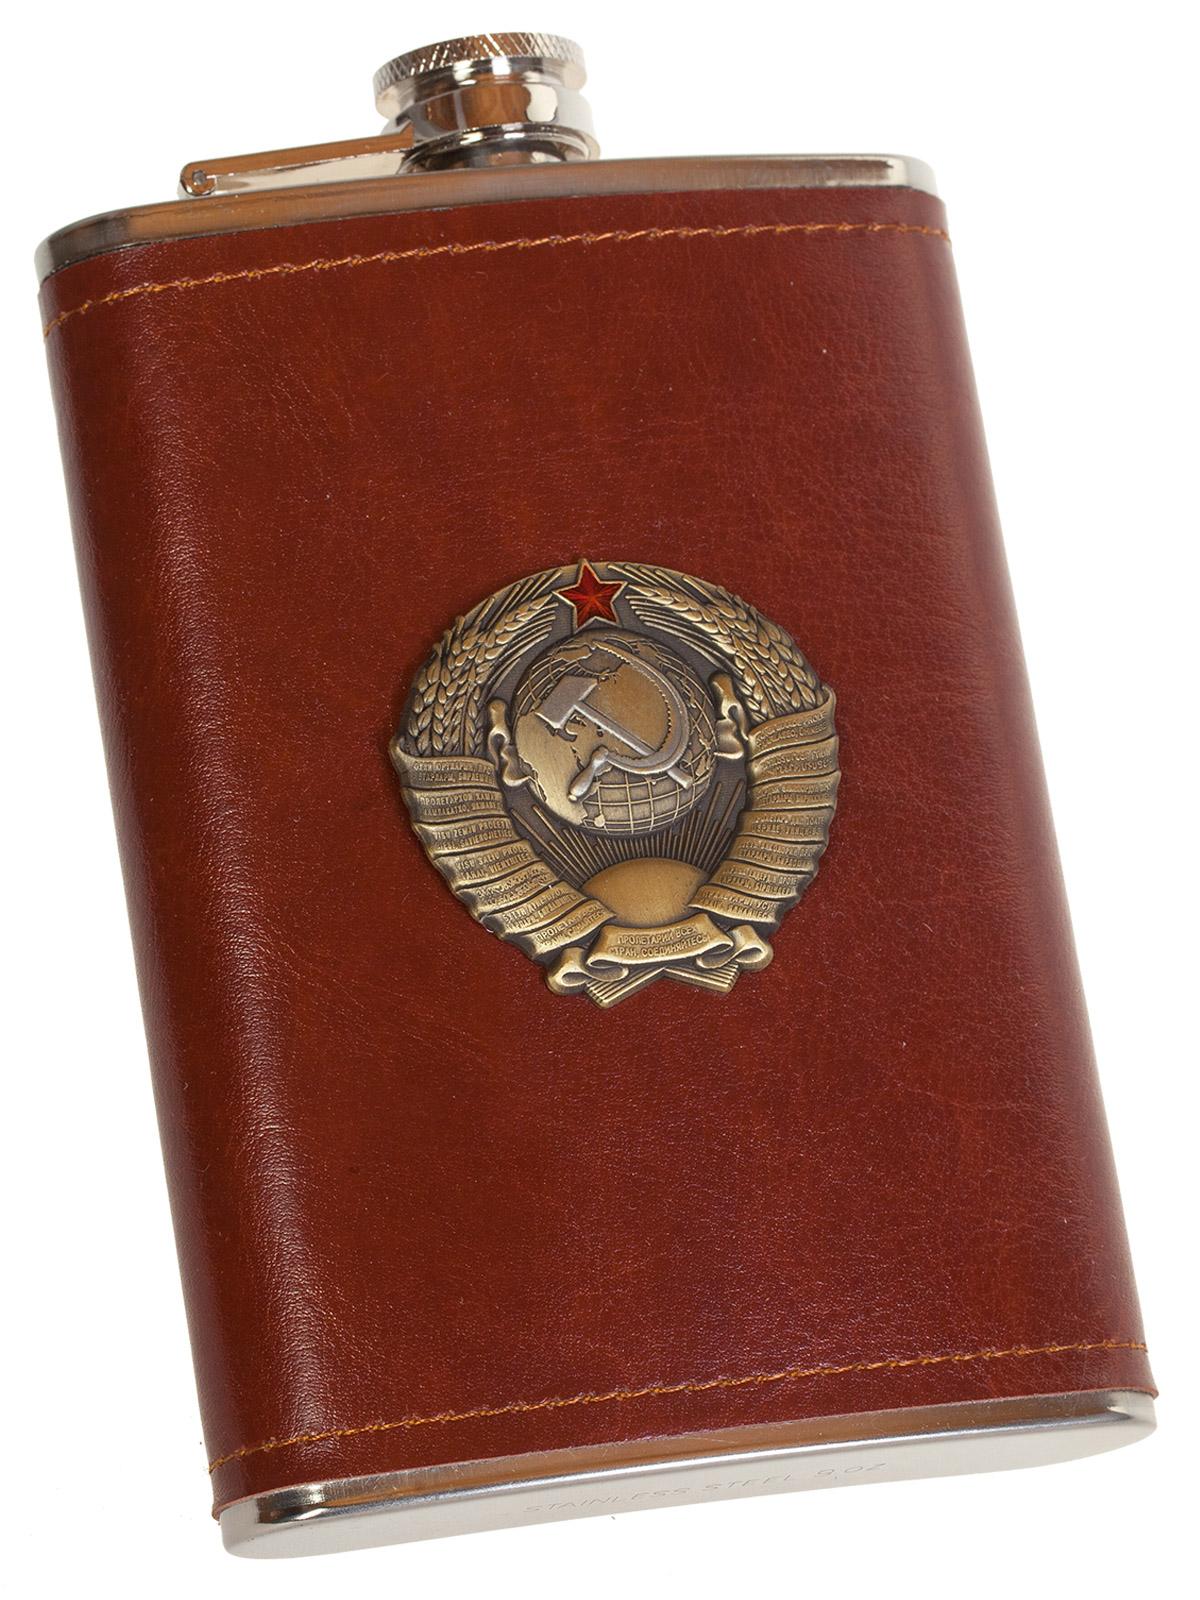 Нержавеющая фляжка в коже с Гербом СССР - купить в подарок